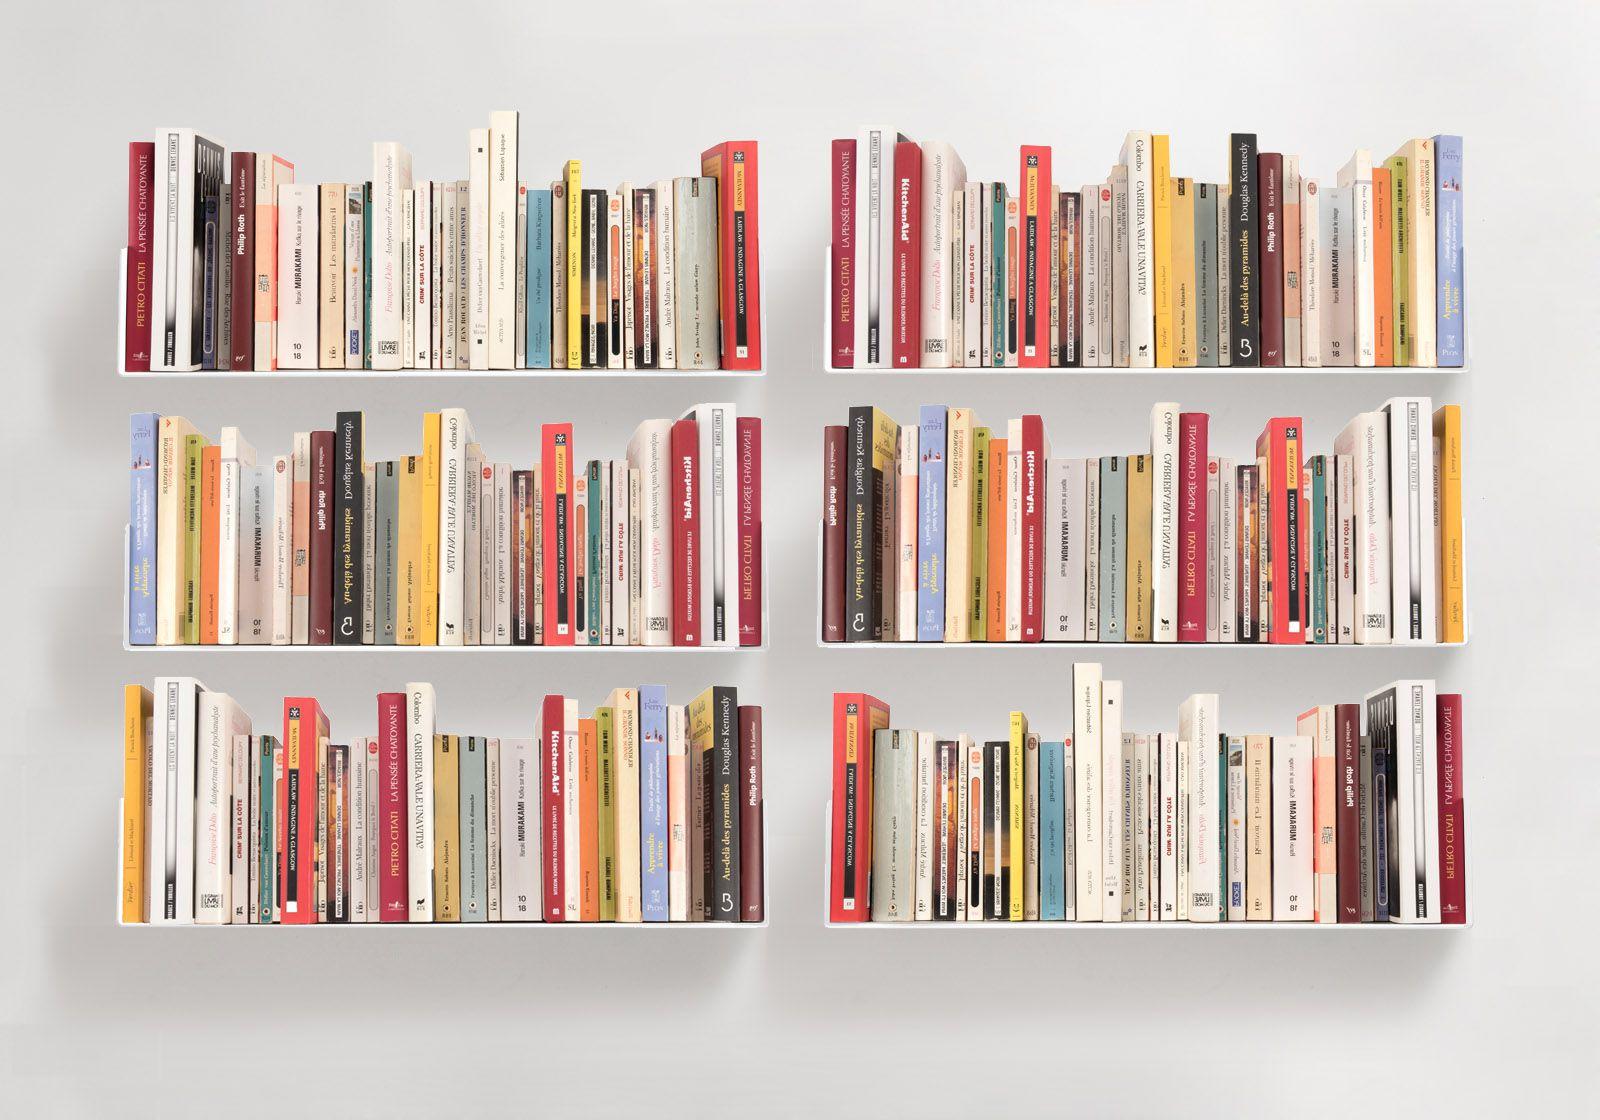 """Libri: da un nuovo Simenon ai ritorni """"eccellenti"""", le novità del 2021 sugli scaffali"""